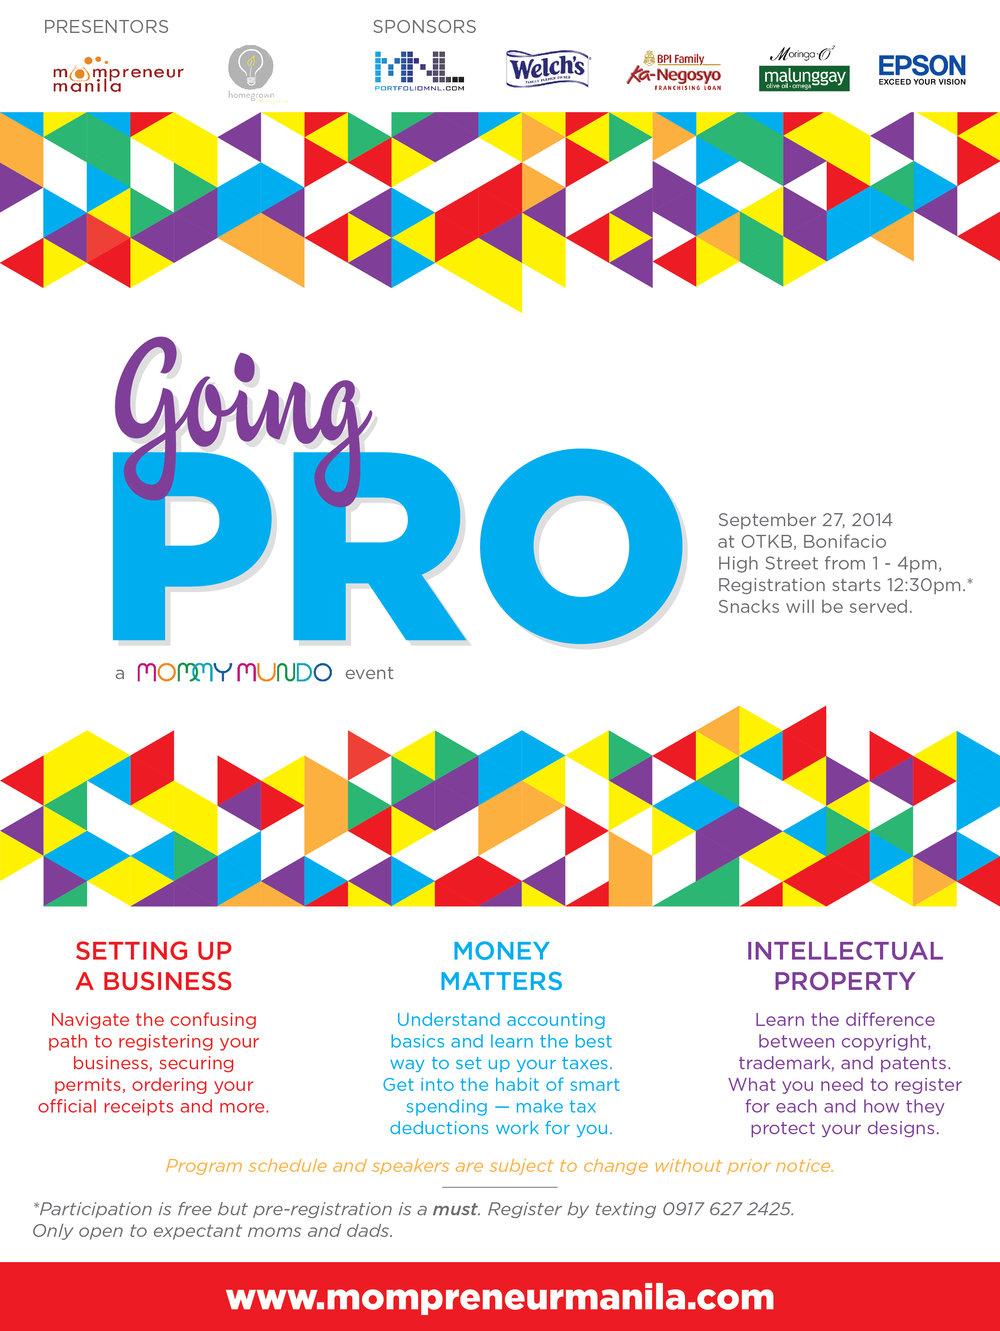 Going-Pro-Revised-01.jpg